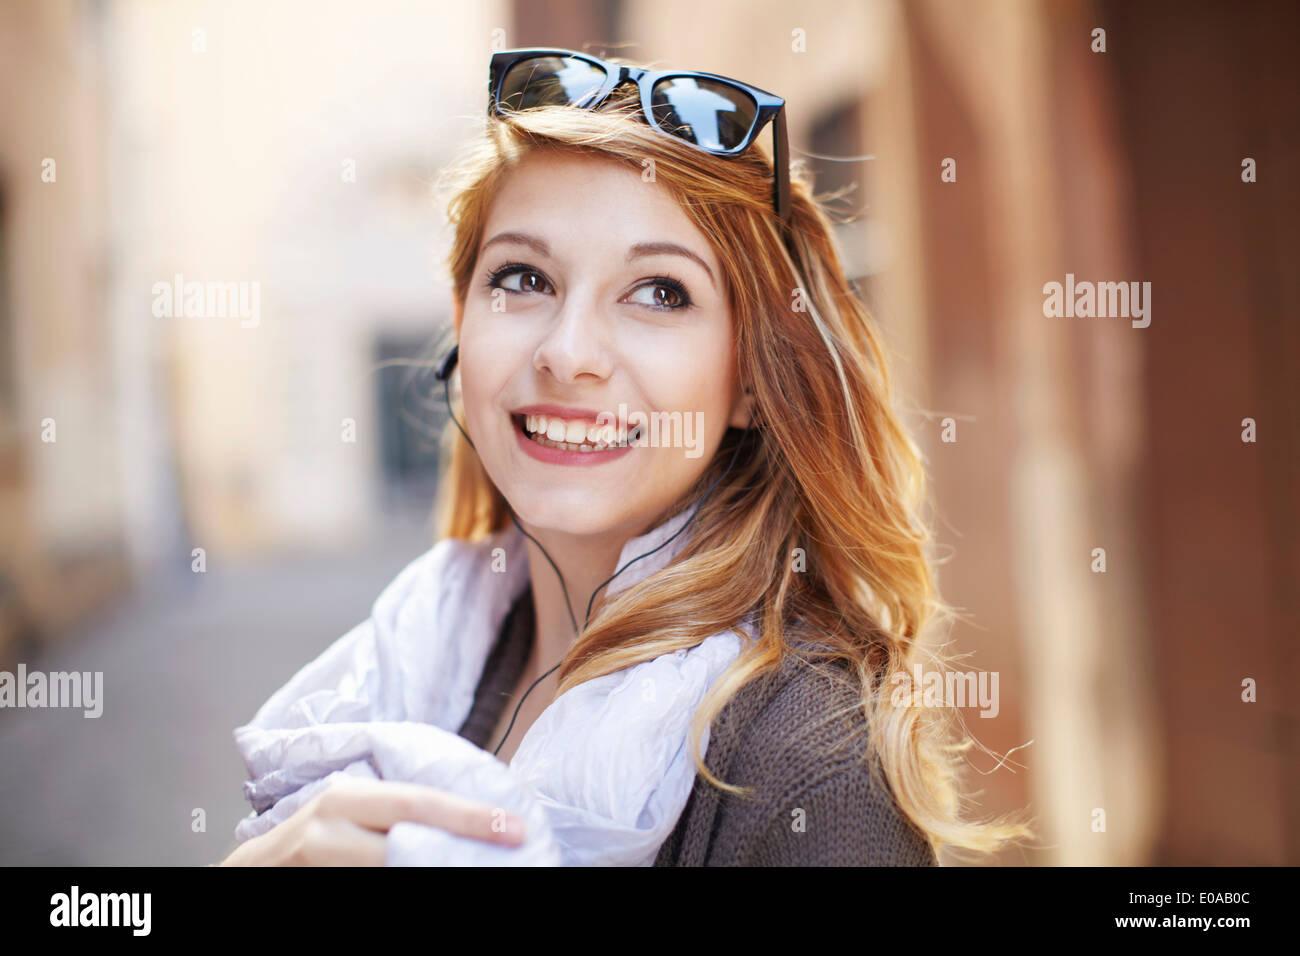 Anspruchsvolle junge Frau blickt zurück auf die Straße Stockbild